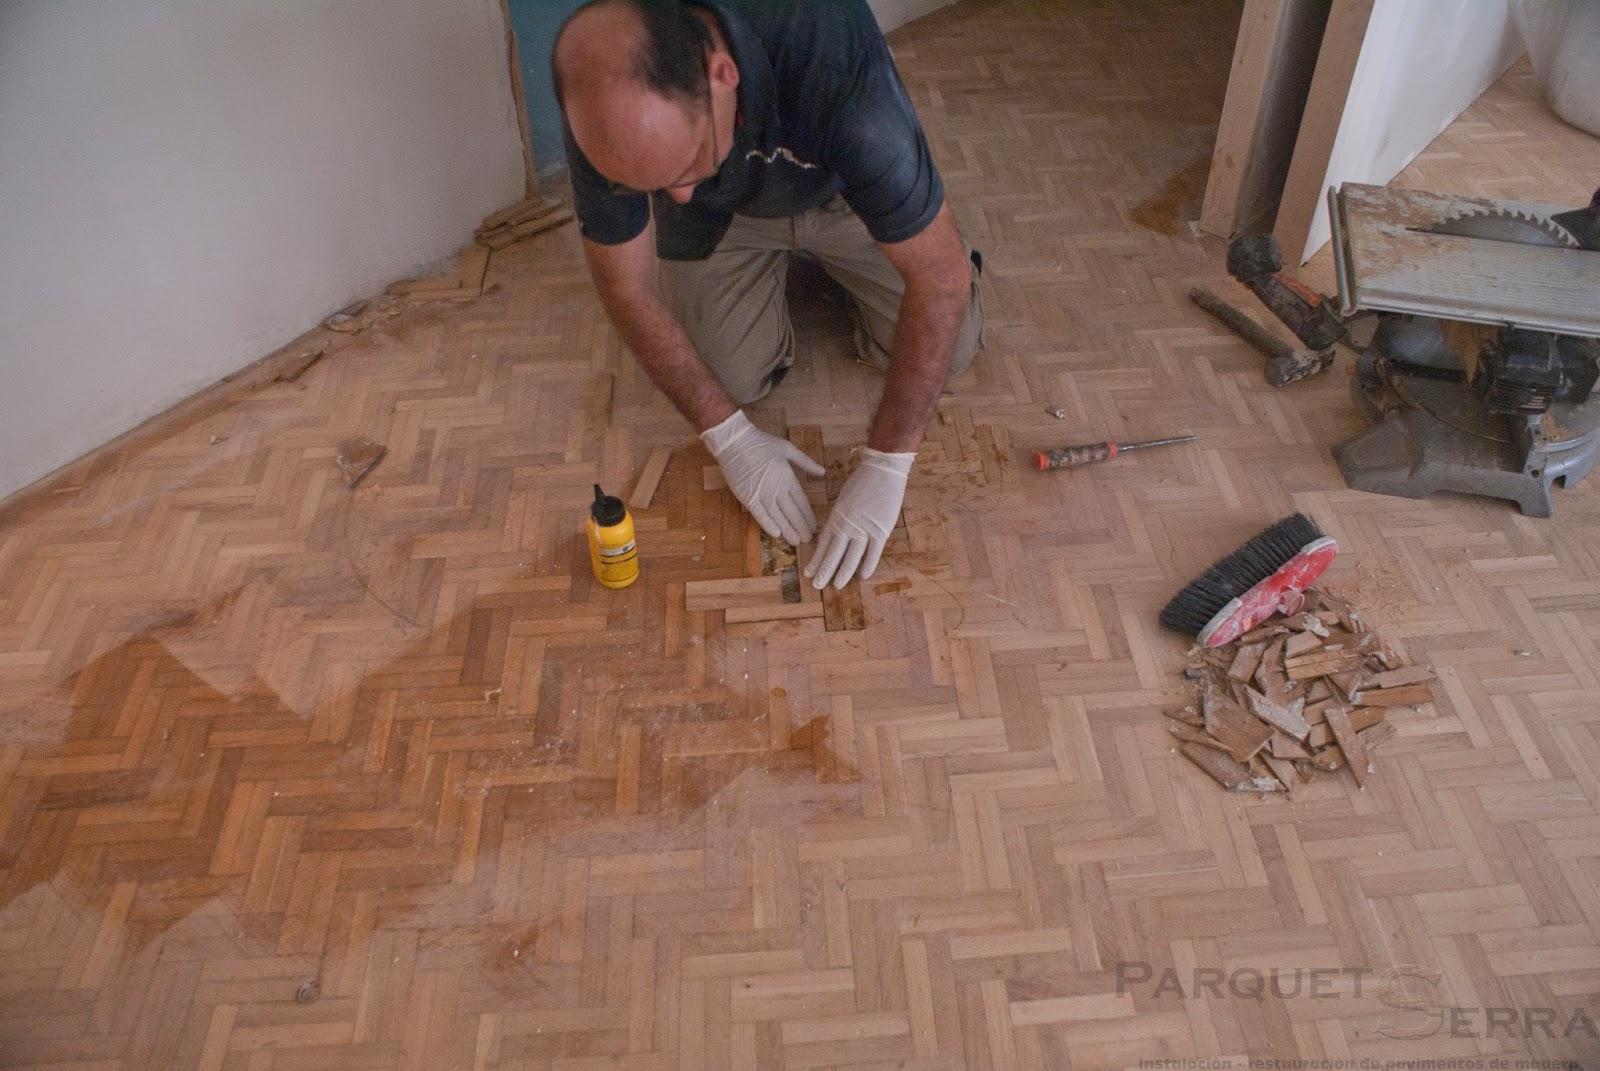 Como arreglar mi parquet - Reparar piso parquet ...